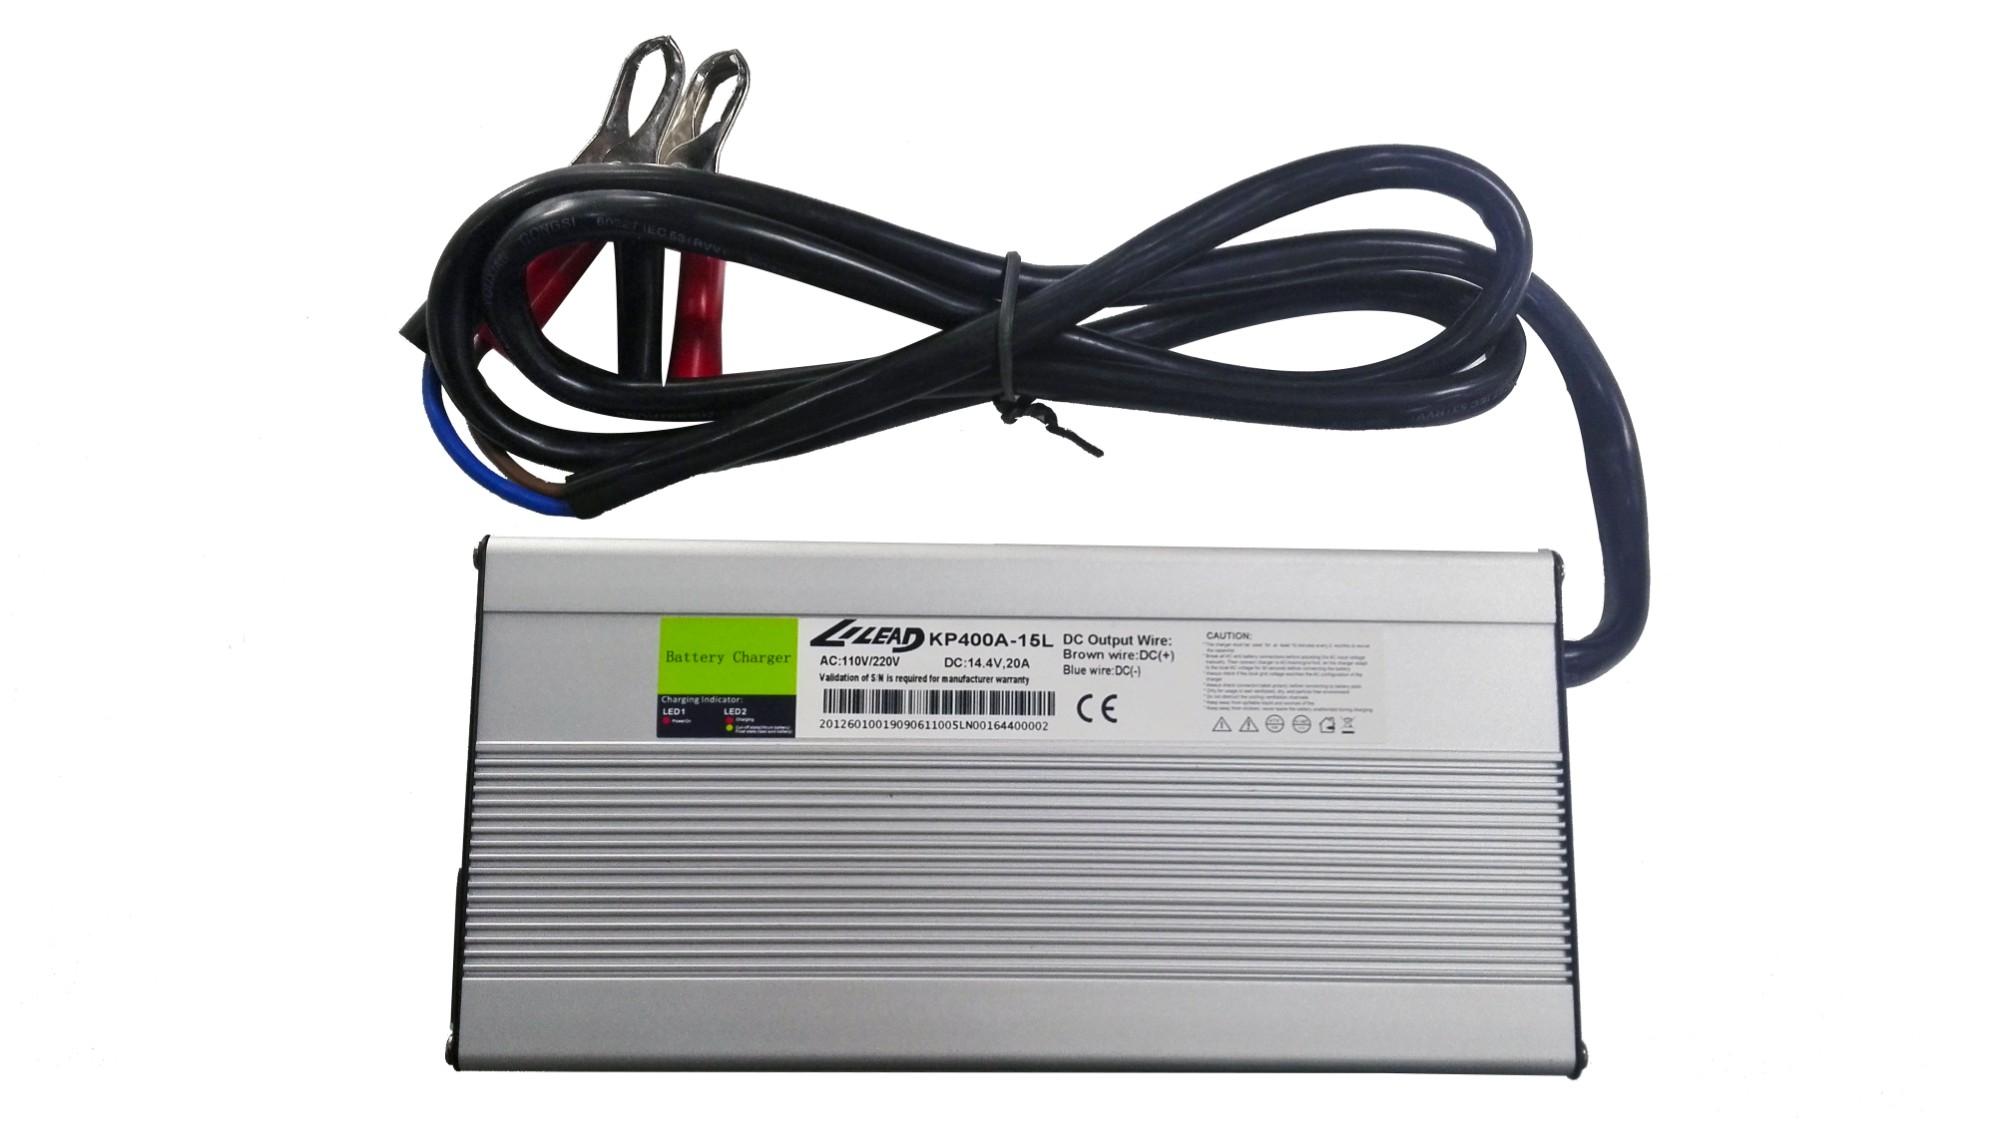 Custom China 12V Battery Charger for vehicles, 12V Battery Charger for vehicles Manufacturers, 12V Battery Charger for vehicles Factory OEM